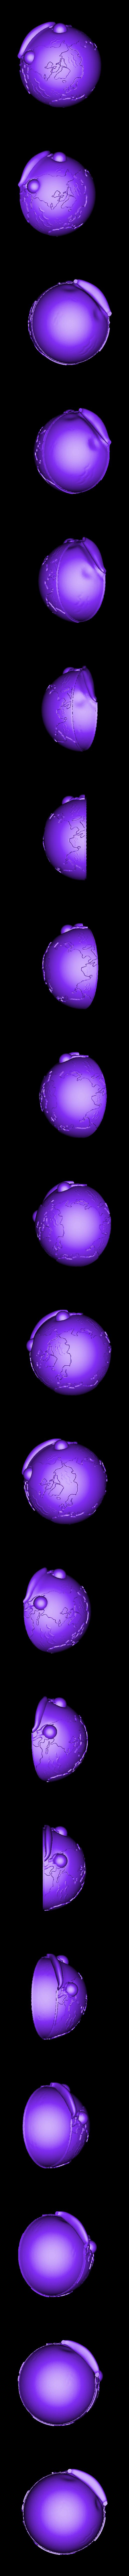 Petire_Poubelle_Terre_Hemisphere_Nord.stl Télécharger fichier STL gratuit Petite poubelle pour pollueurs avertis • Modèle imprimable en 3D, FrenchTouch